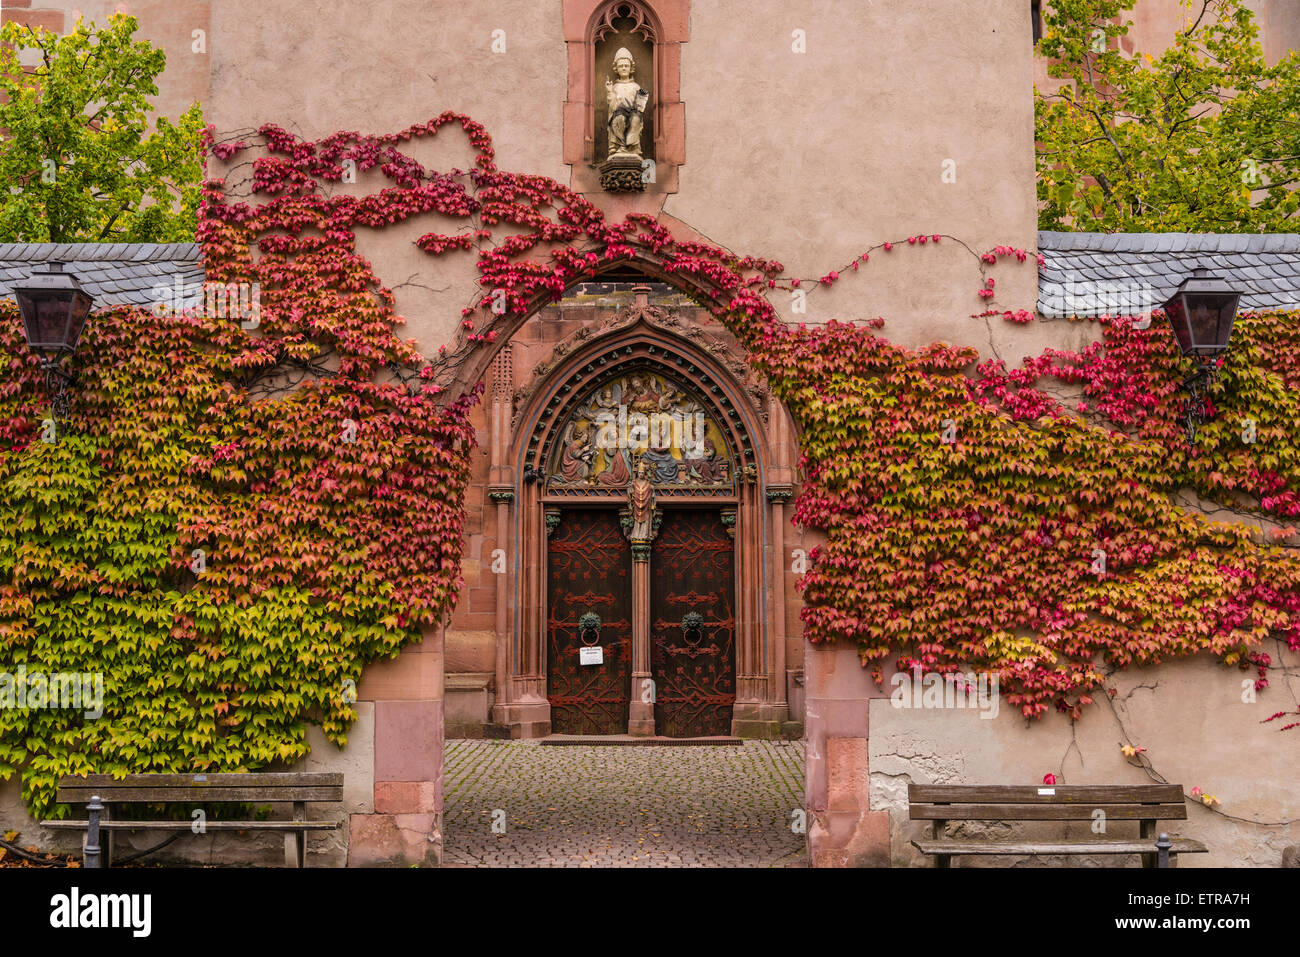 Deutschland, Hessen, Rheingau-Region, Kiedrich, Pfarrkirche St. Valentinus, Haupteingang Stockbild